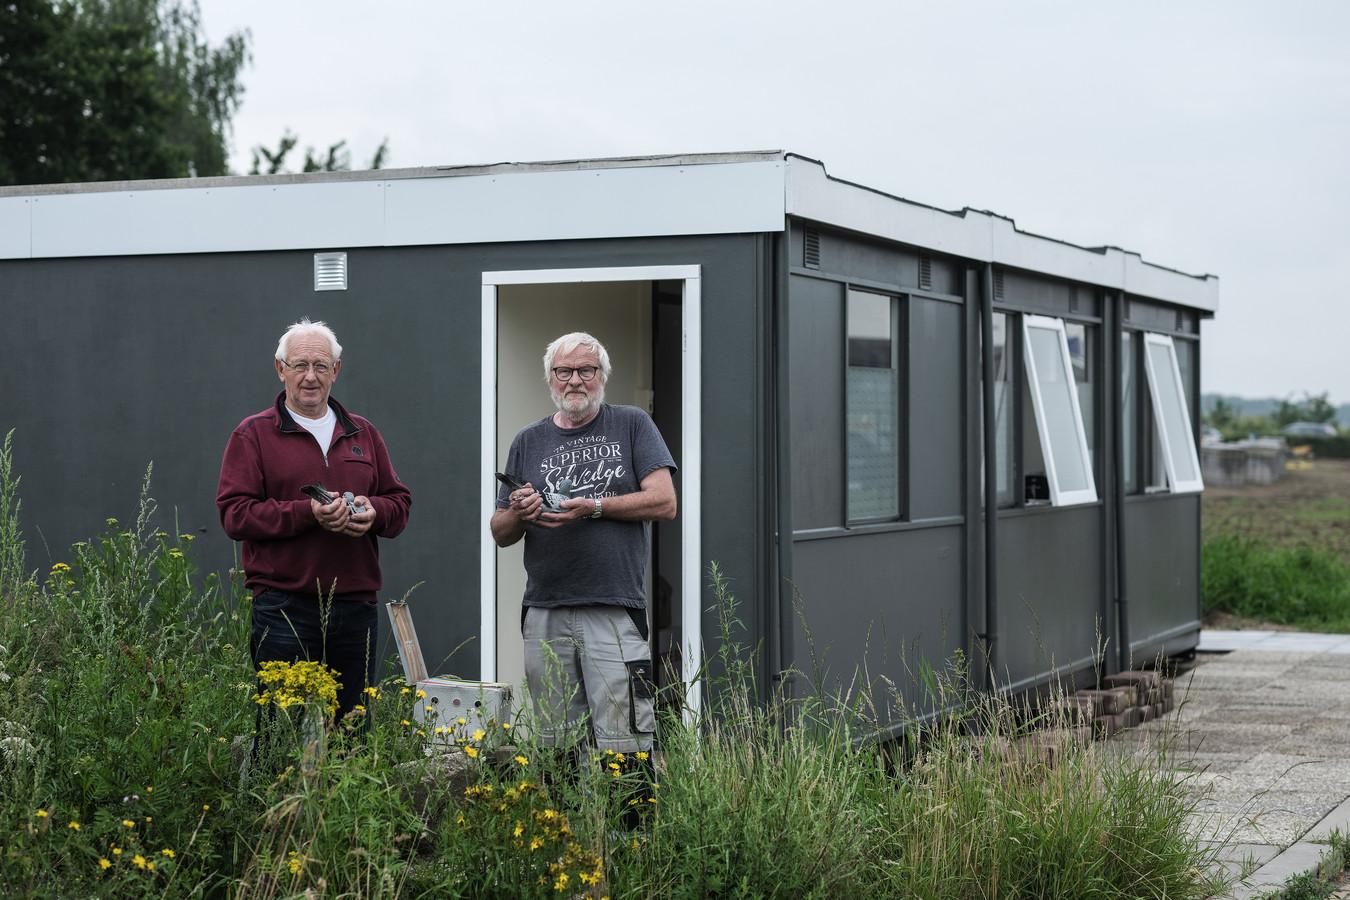 De Luchtbode heeft een nieuwe stek, pal naast de stadswerf in Doesburg. Duivenliefhebbers Jan de Vries (l) en Marinus ten Dolle poseren voor hun nieuwe onderkomen.